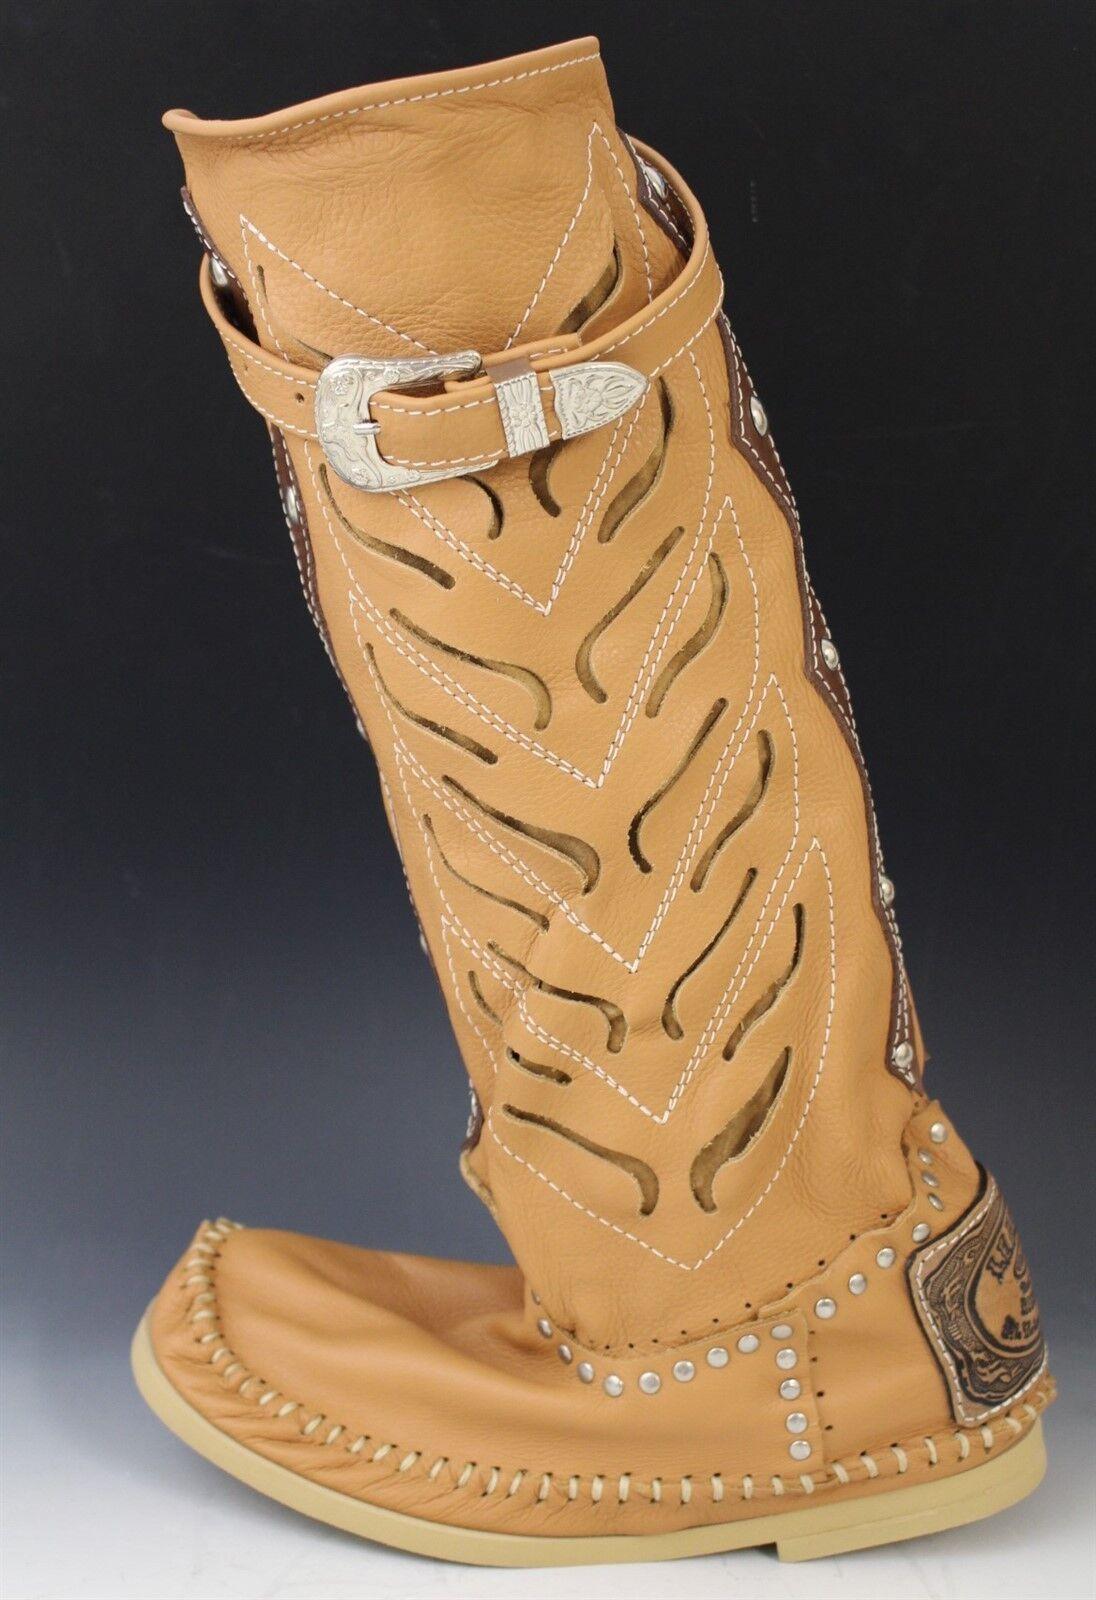 Hector Italiensk läder Cowboy Style Mocasin stövlar skor TRAFORATO bilamel US 6